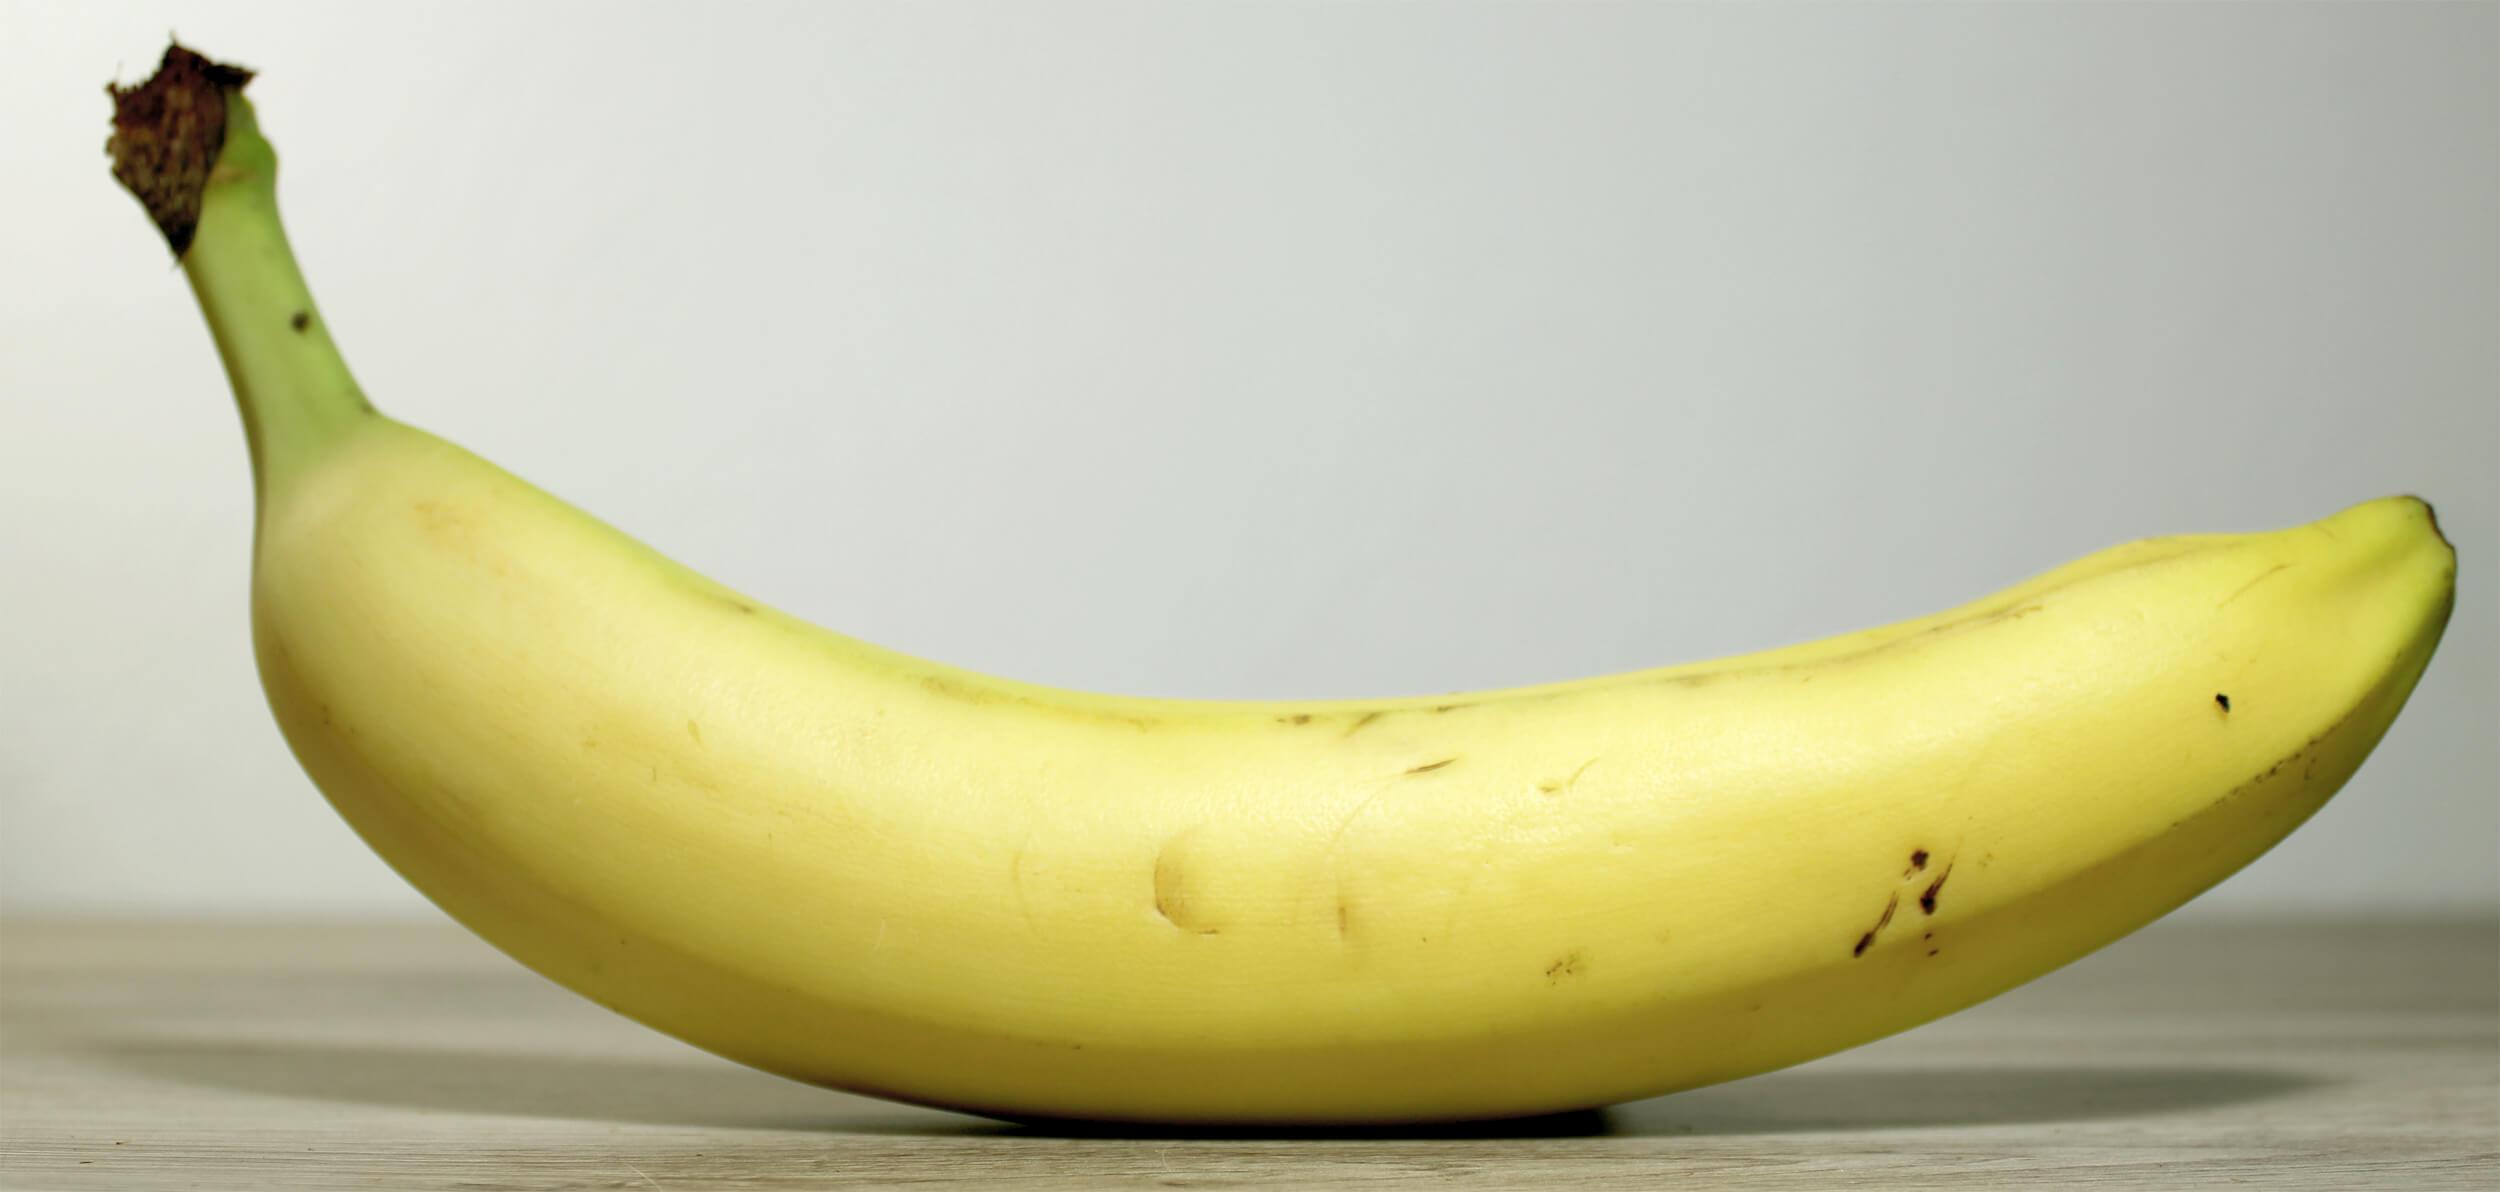 Bananen Fotovorlagen zum Abzeichnen